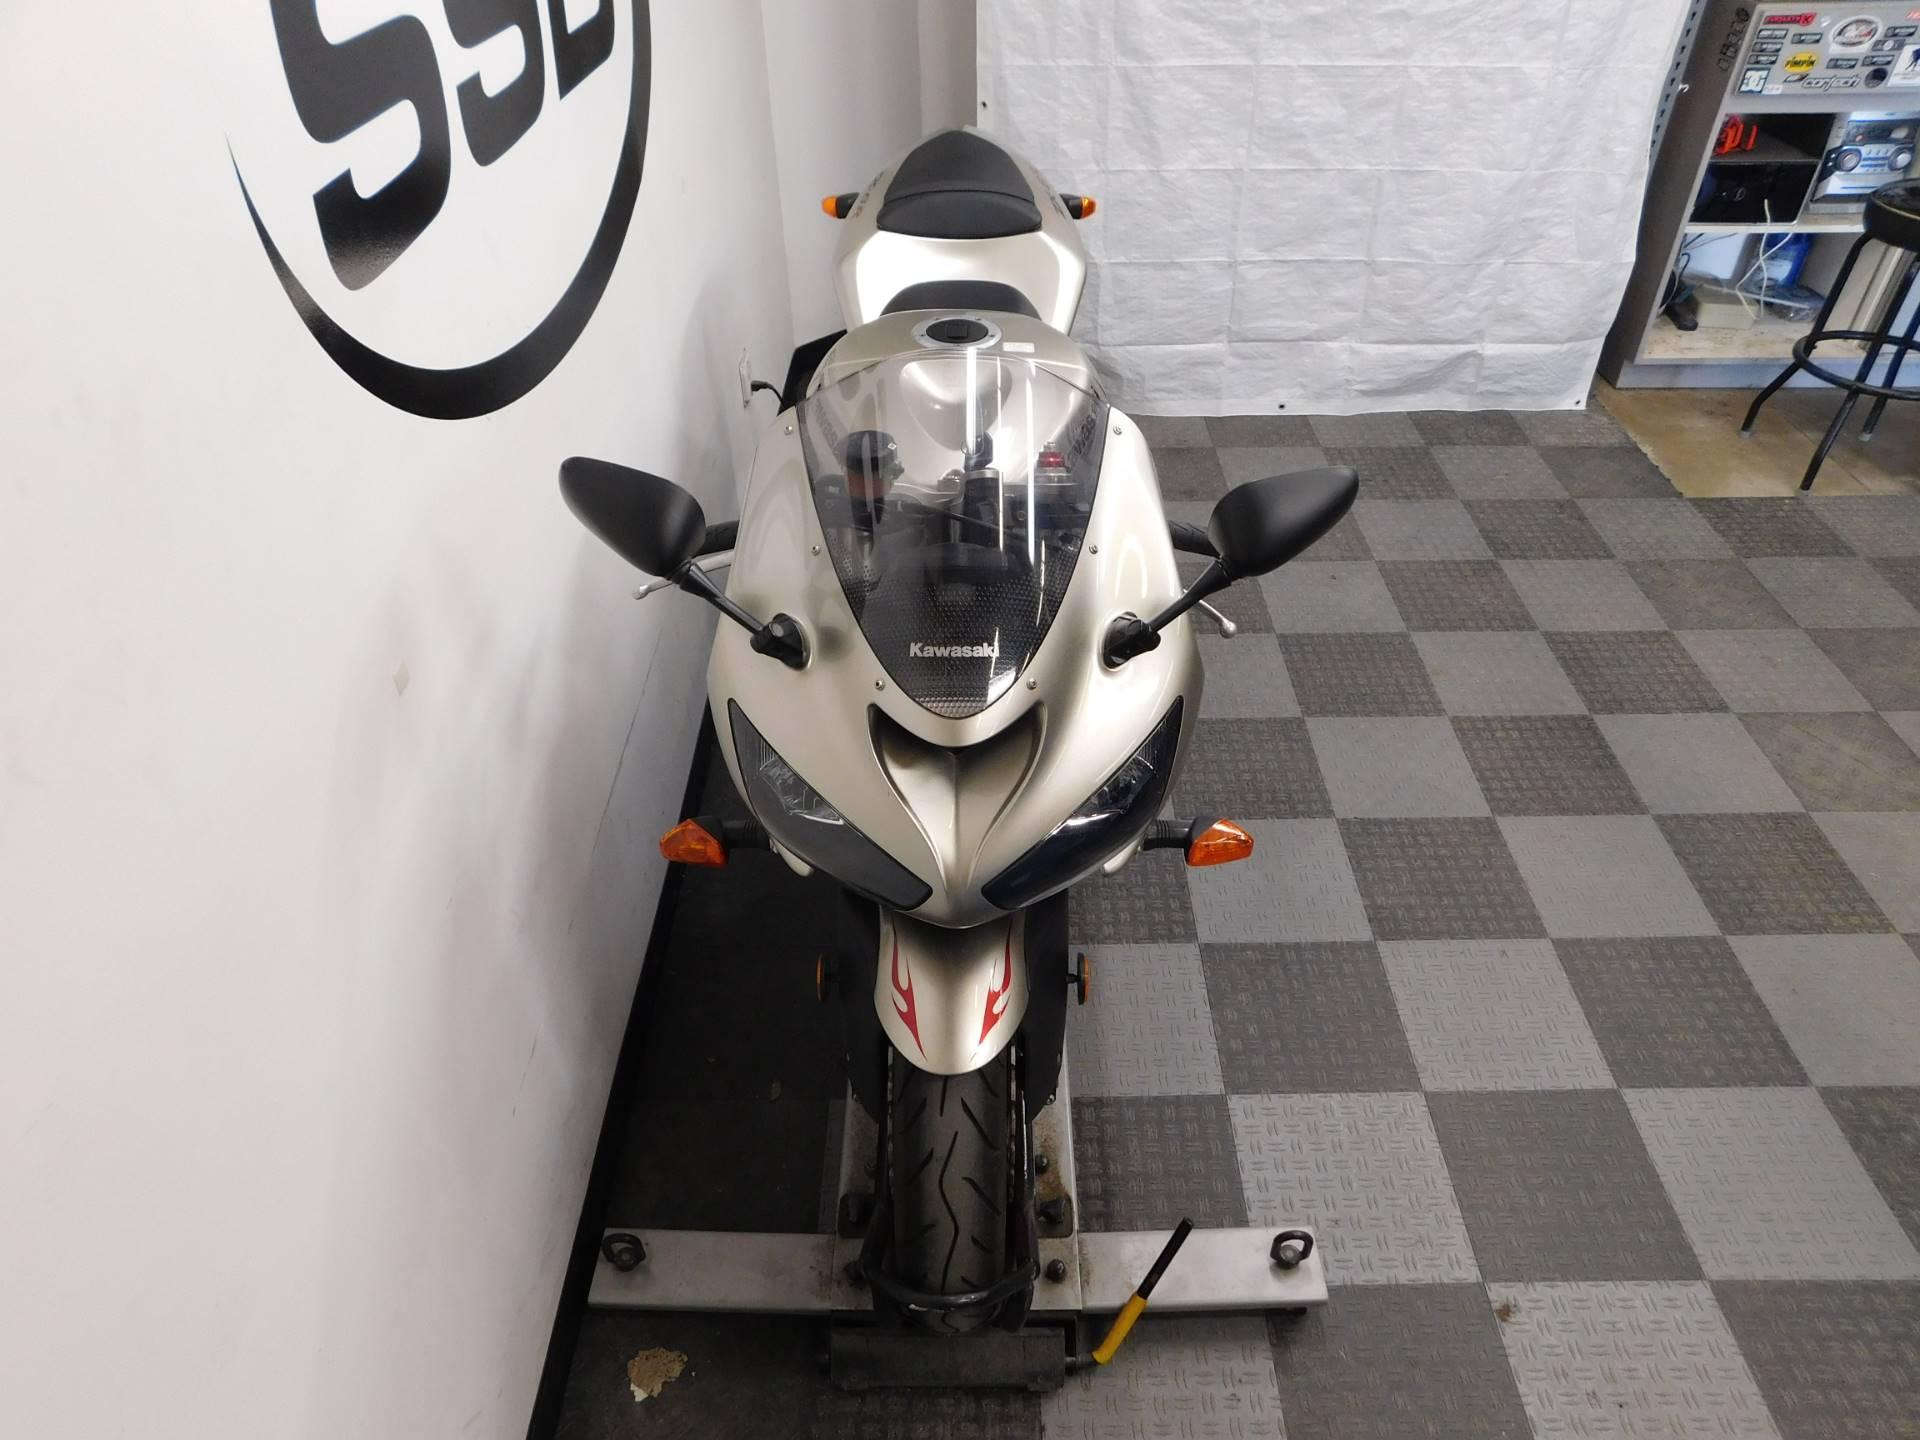 2006 Kawasaki ZX6R 3